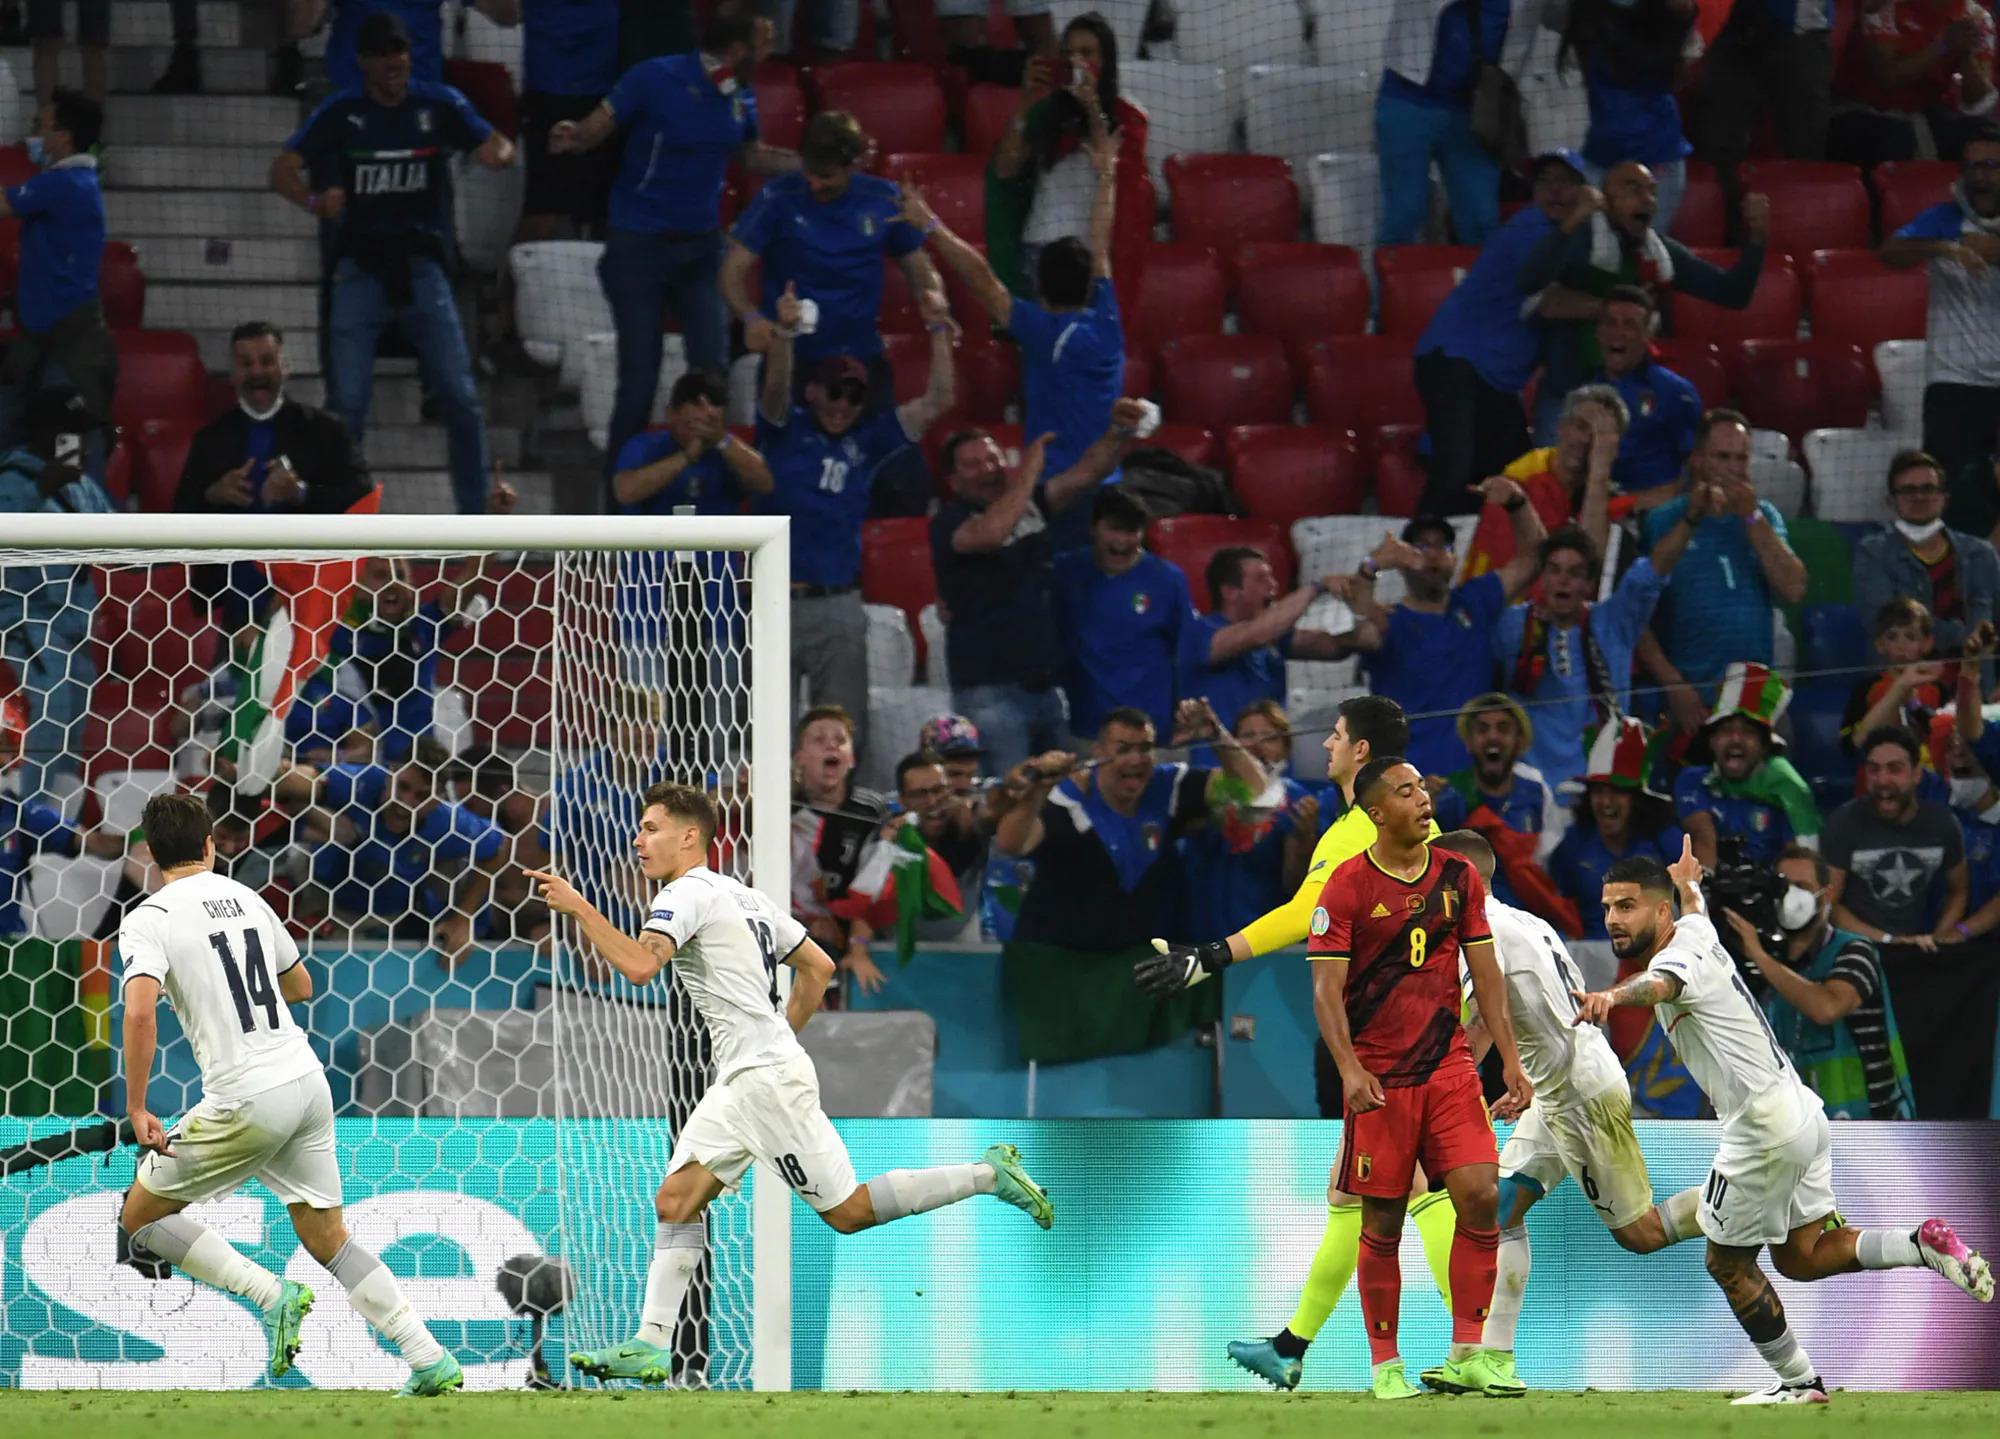 Chiến thắng trước Bỉ giống một tuyên ngôn của Italy và Mancini về con đường mà họ đã chọn để phục hưng đội tuyển. Ảnh: EPA